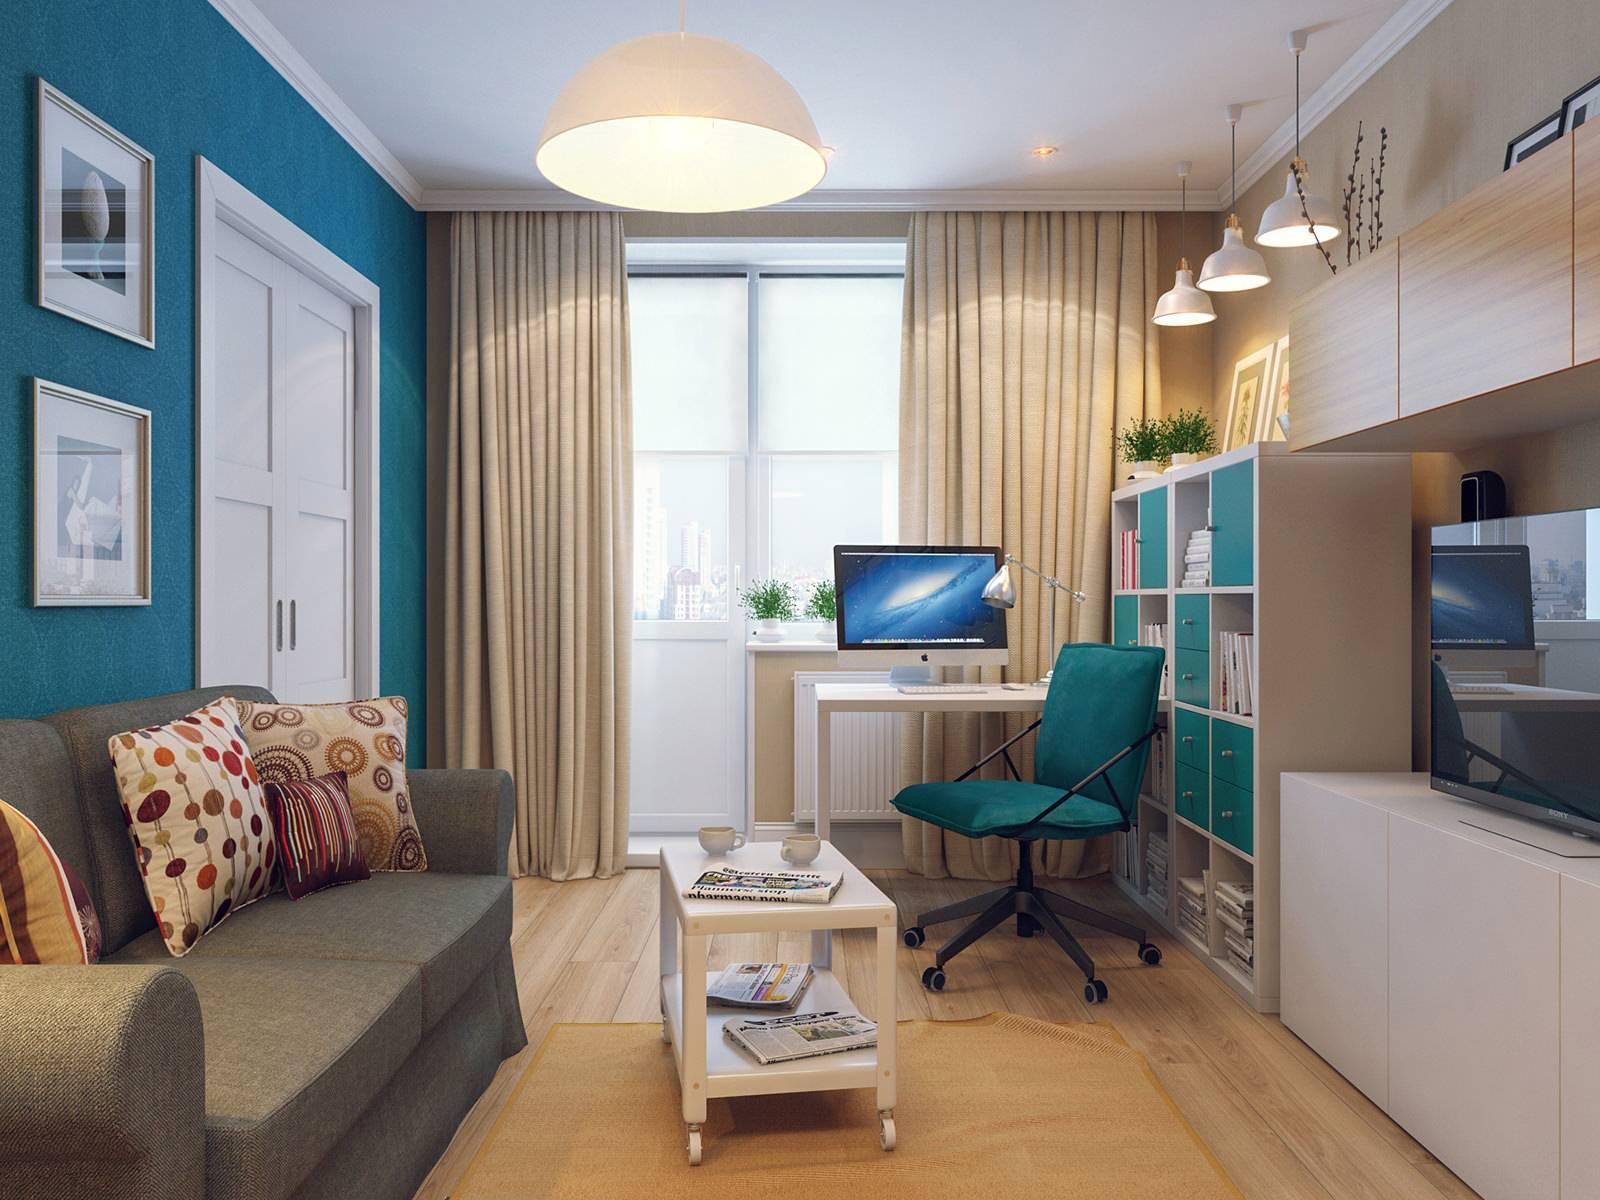 Расстановка мебели в однокомнатной квартире: полезные советы, частые ошибки и нюансы